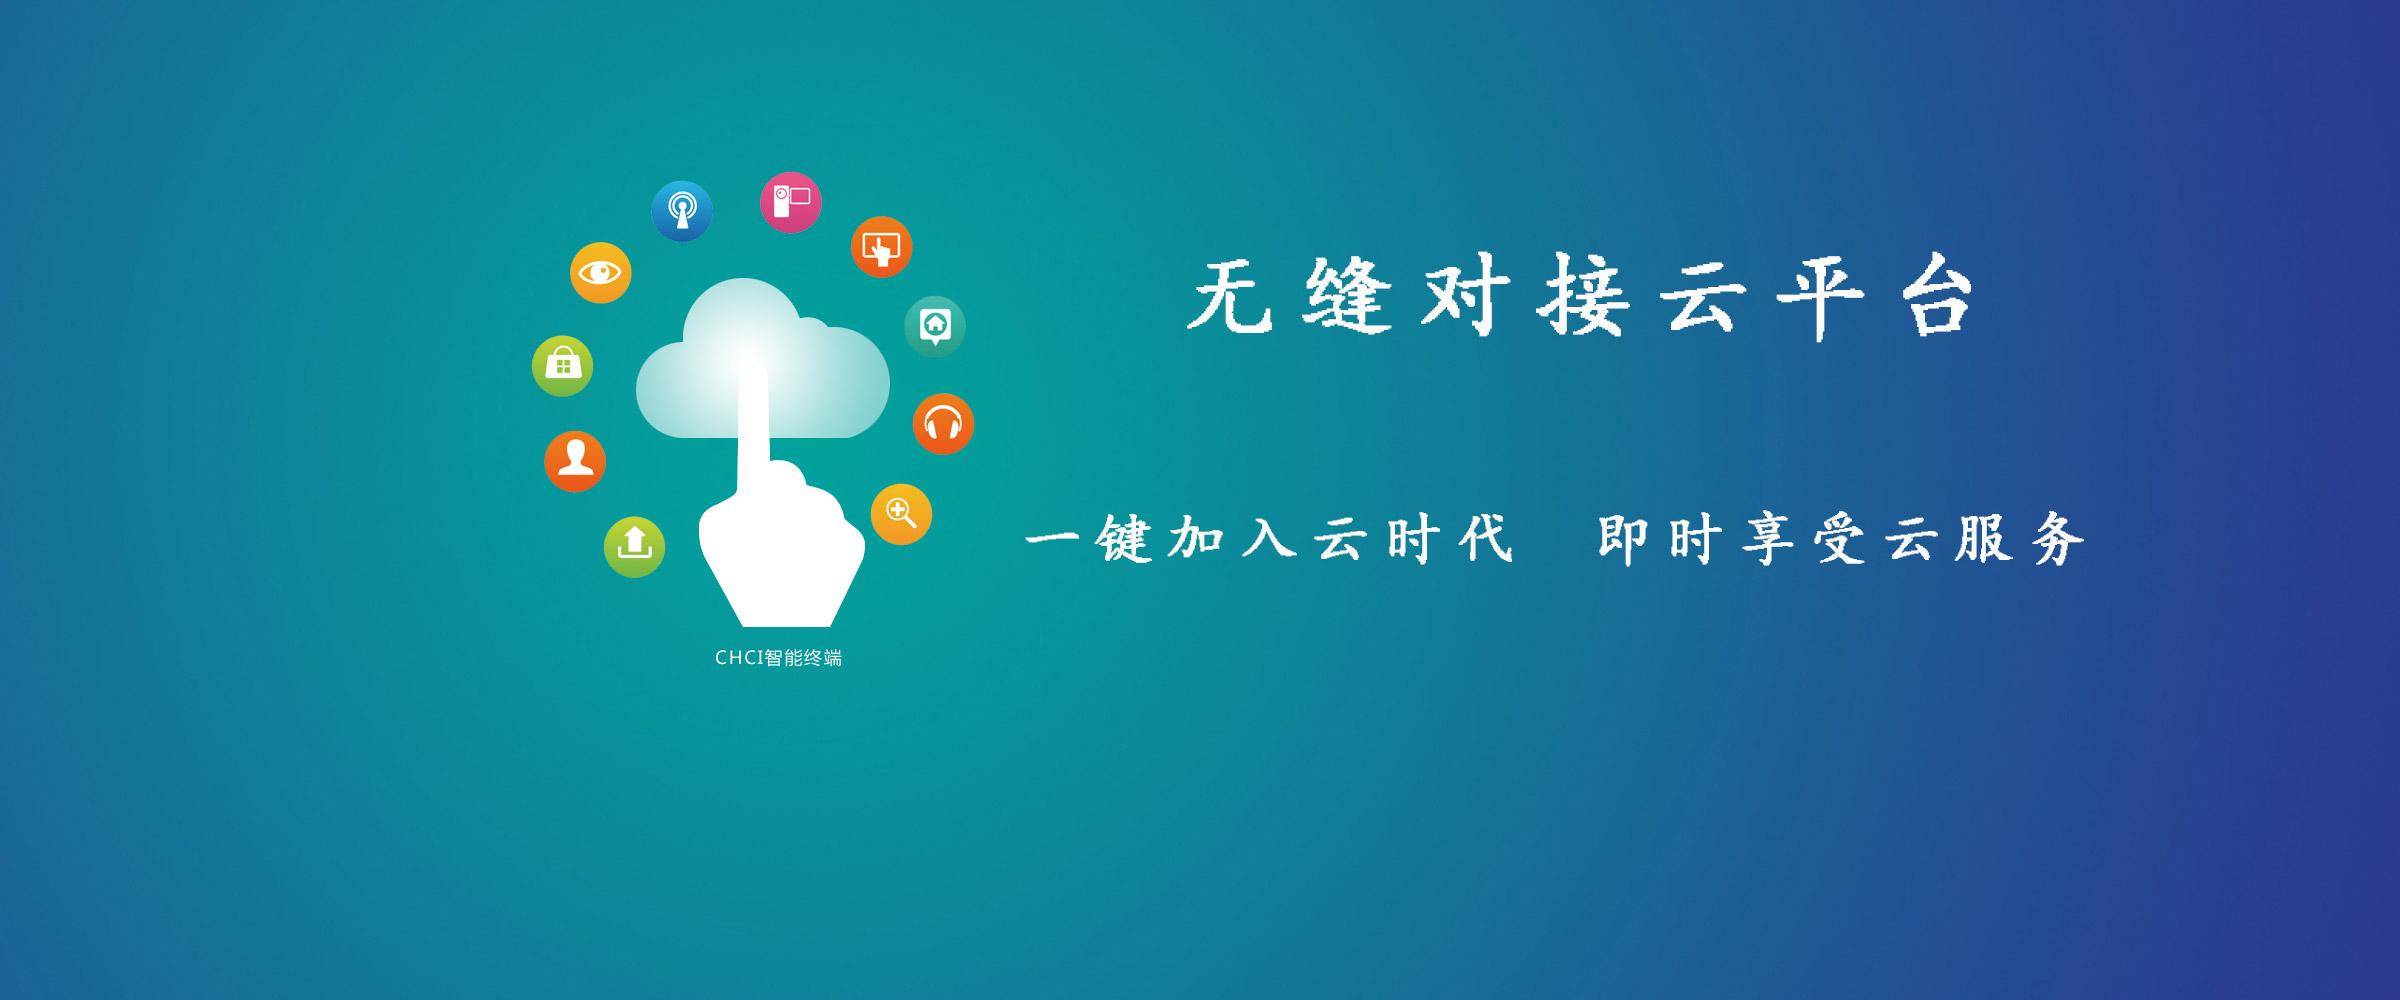 安徽云丰公司-首个云平台